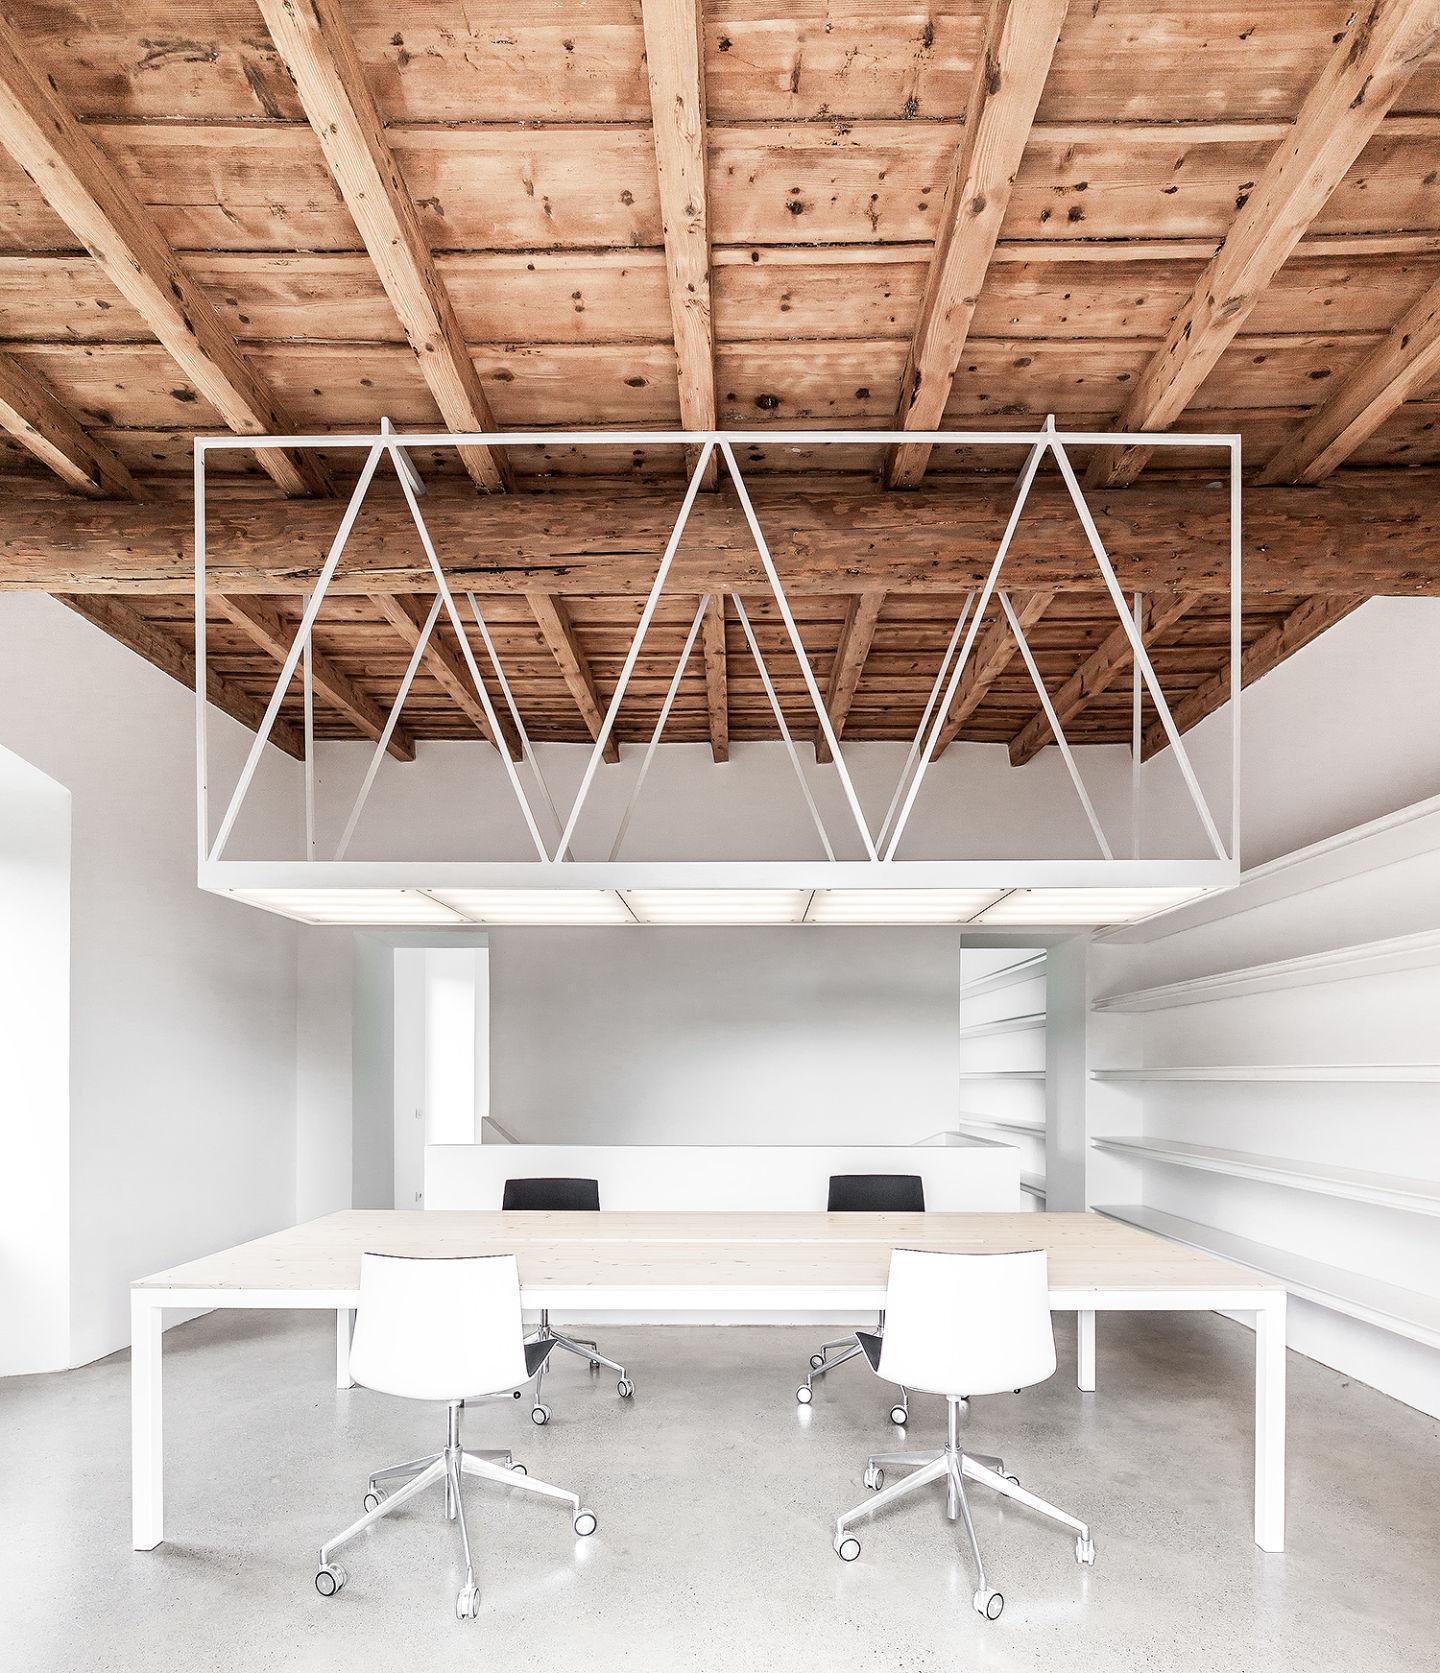 CN10 studio